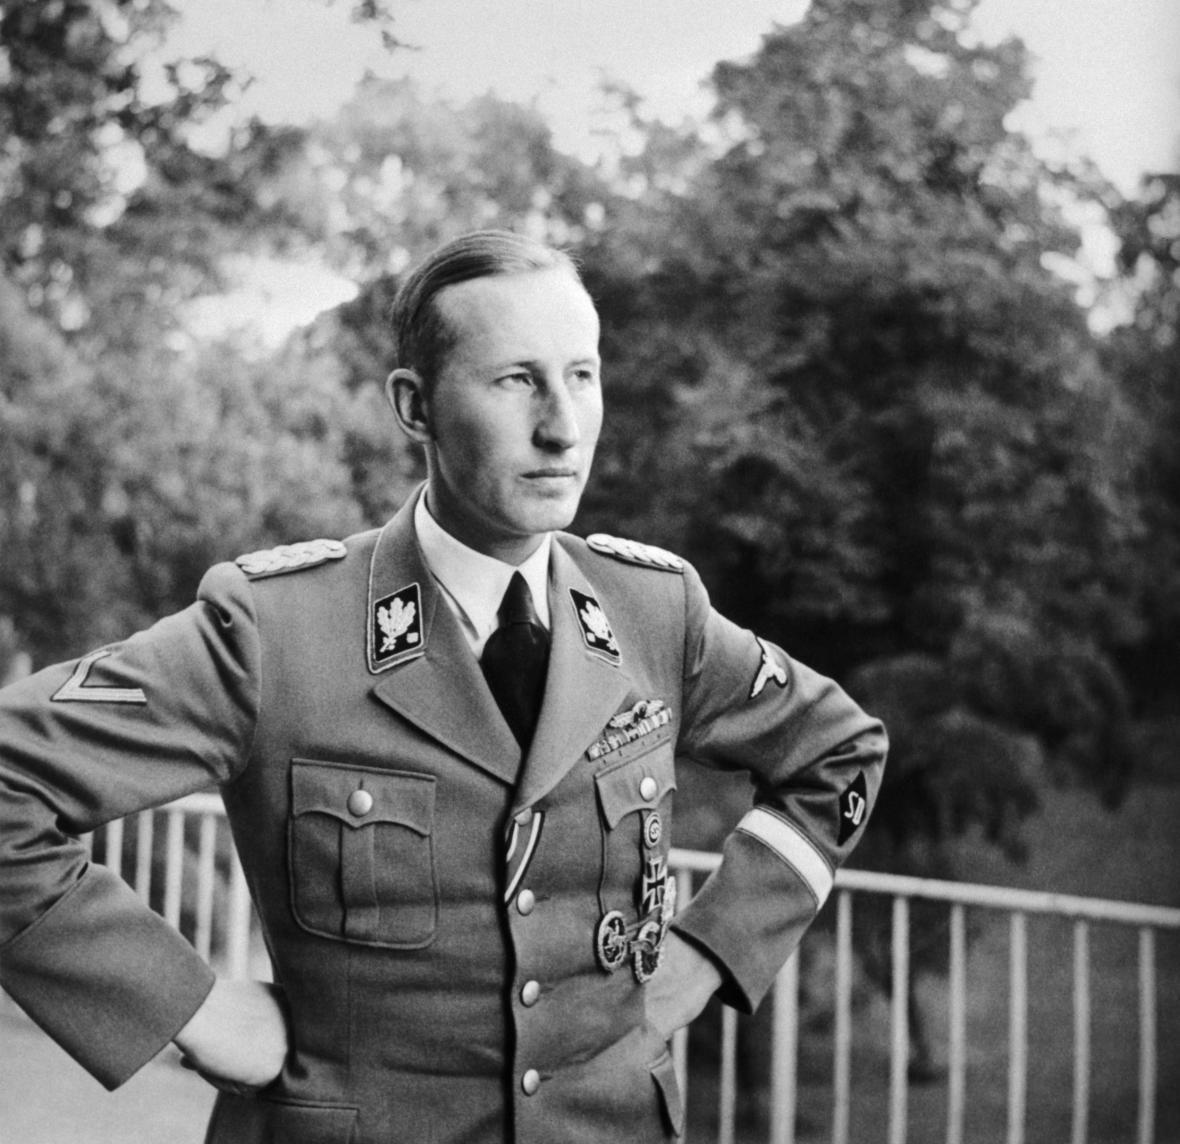 Nacisté provozovali v letech 1933 až 1945 kolem 42 tisíc věznic, ghett a táborových zařízení. Mezi ty nejhorší patřily koncentrační vyhlazovací tábory